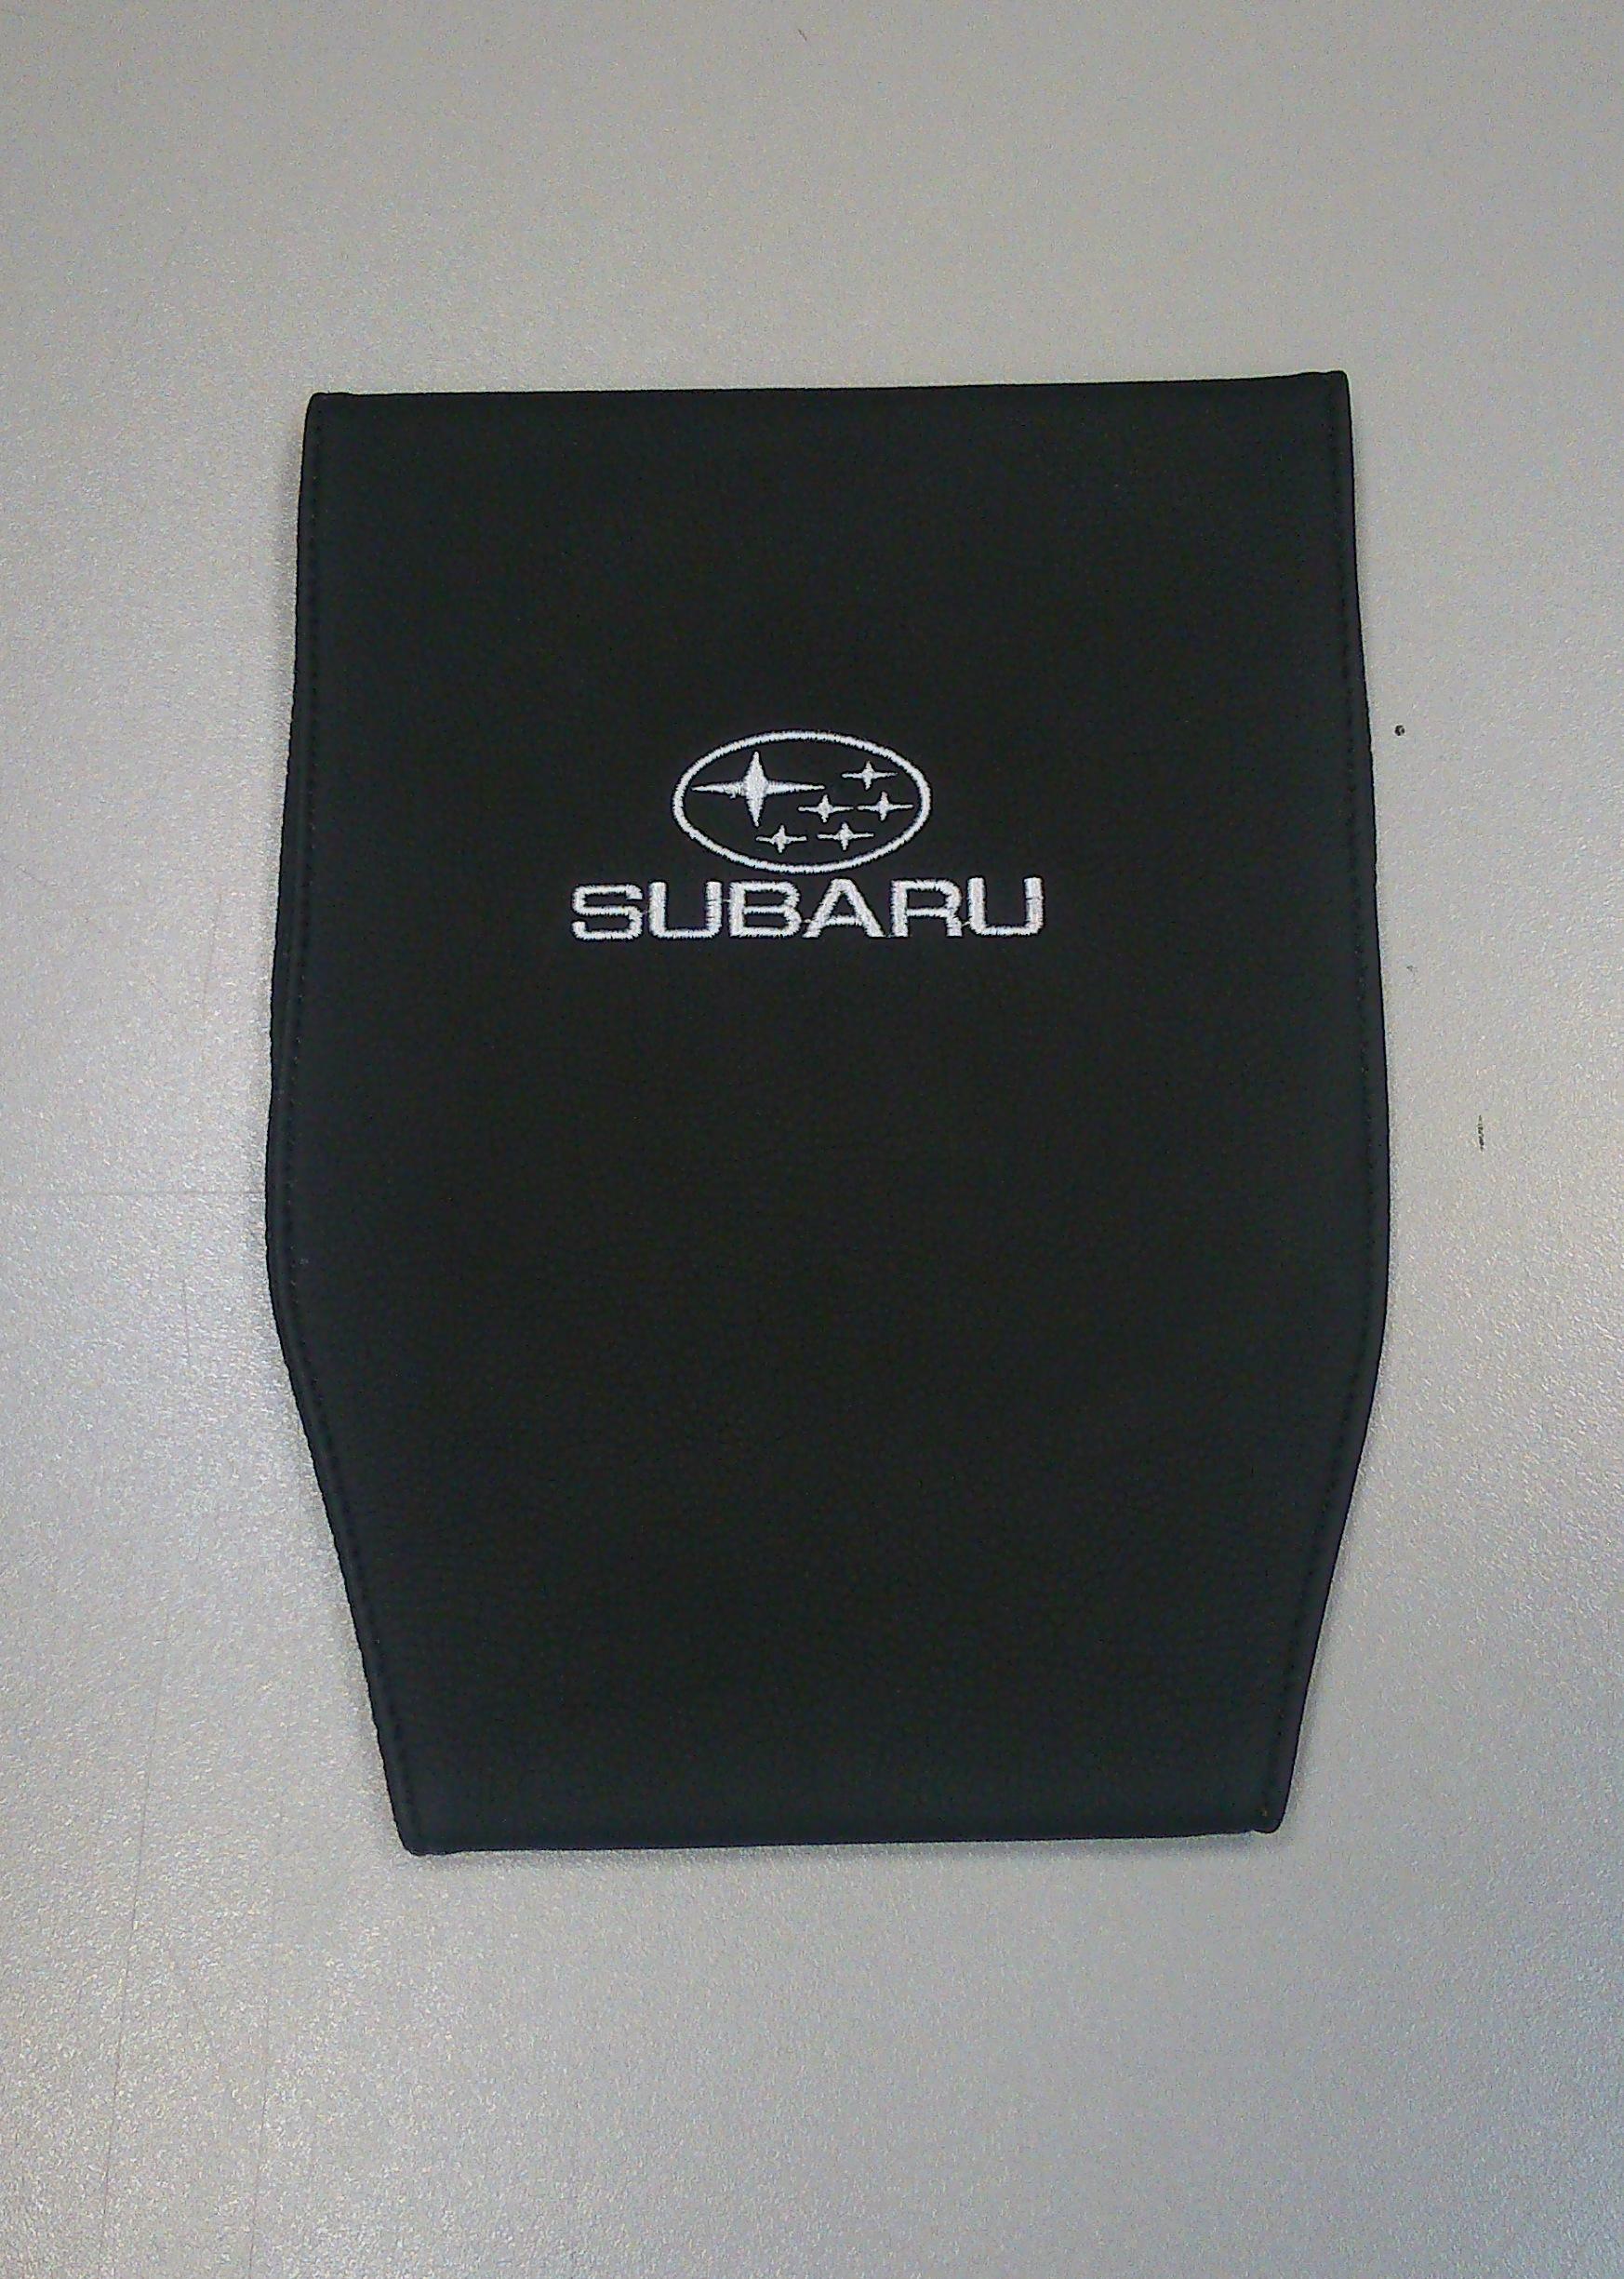 Чехол на подголовник Auto Premium Subaru, 2 шт67124Чехол Auto Premium Subaru - это простая, эффектная и эффективная защита подголовника автомобиля. Накладка легко закрепляется вокруг подголовника и служит надежной защитой от загрязнения. Экокожа это износостойкий и долговечный материал. Такой чехол легко чистится влажной тряпкой.